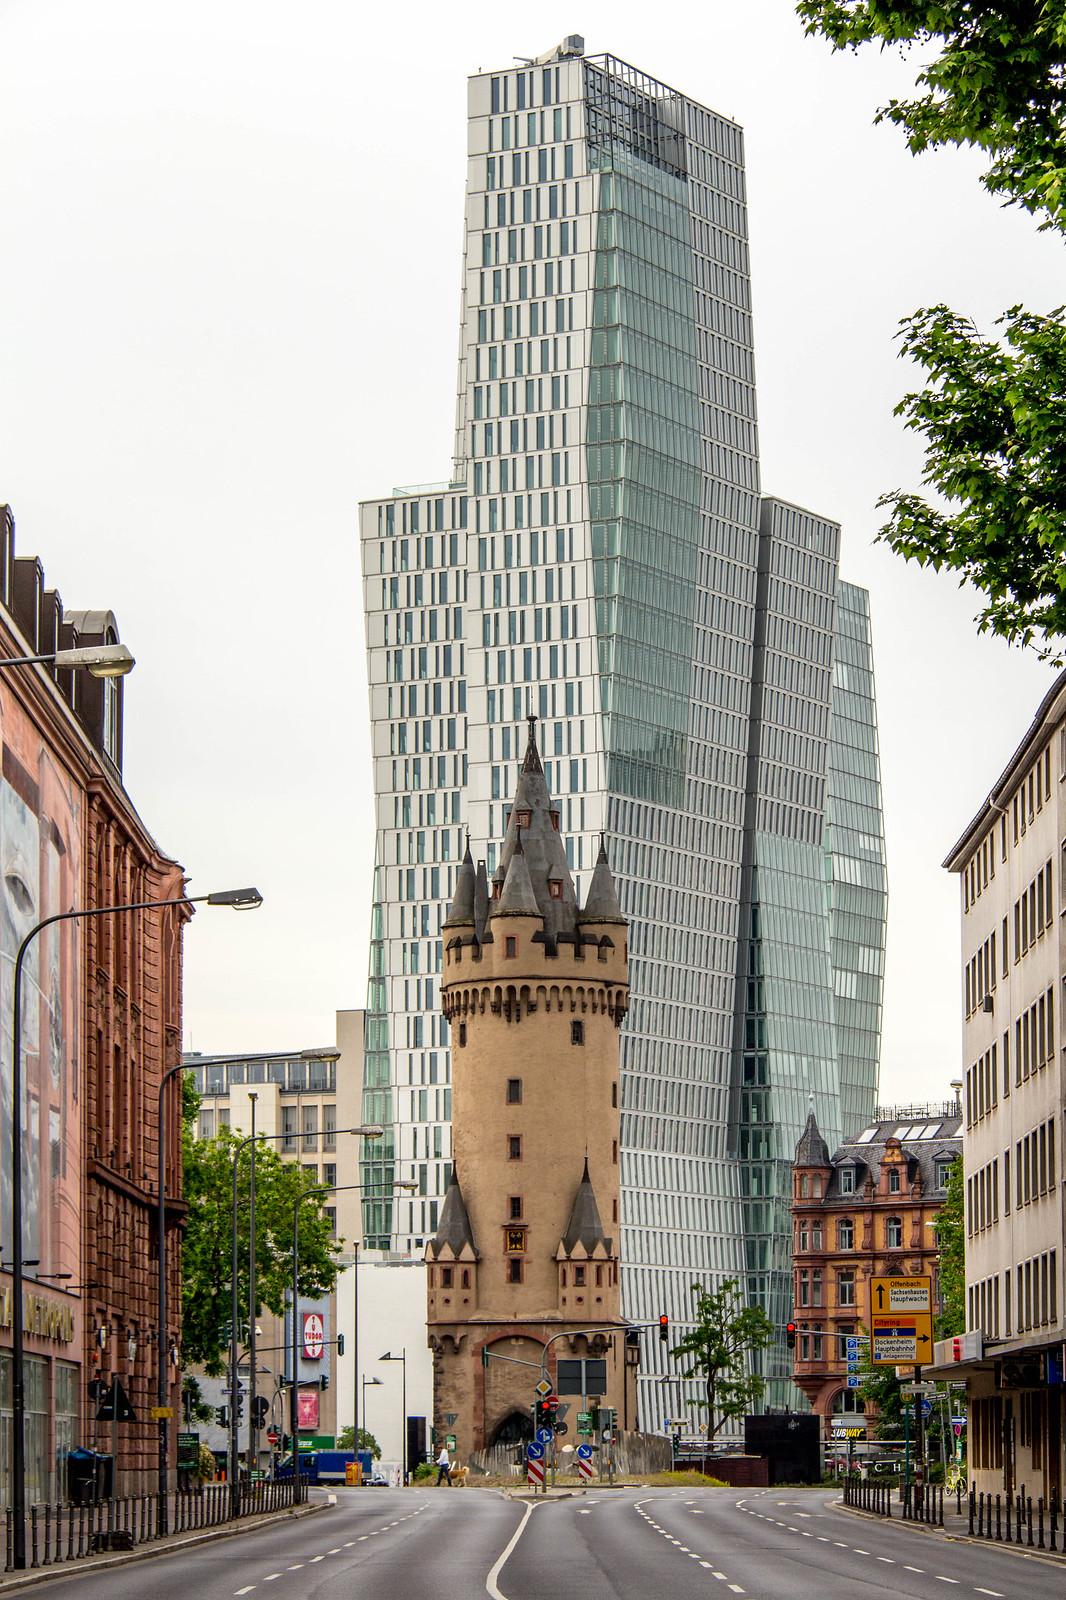 Eschenheimer Turm und Nextower, Frankfurt am Main